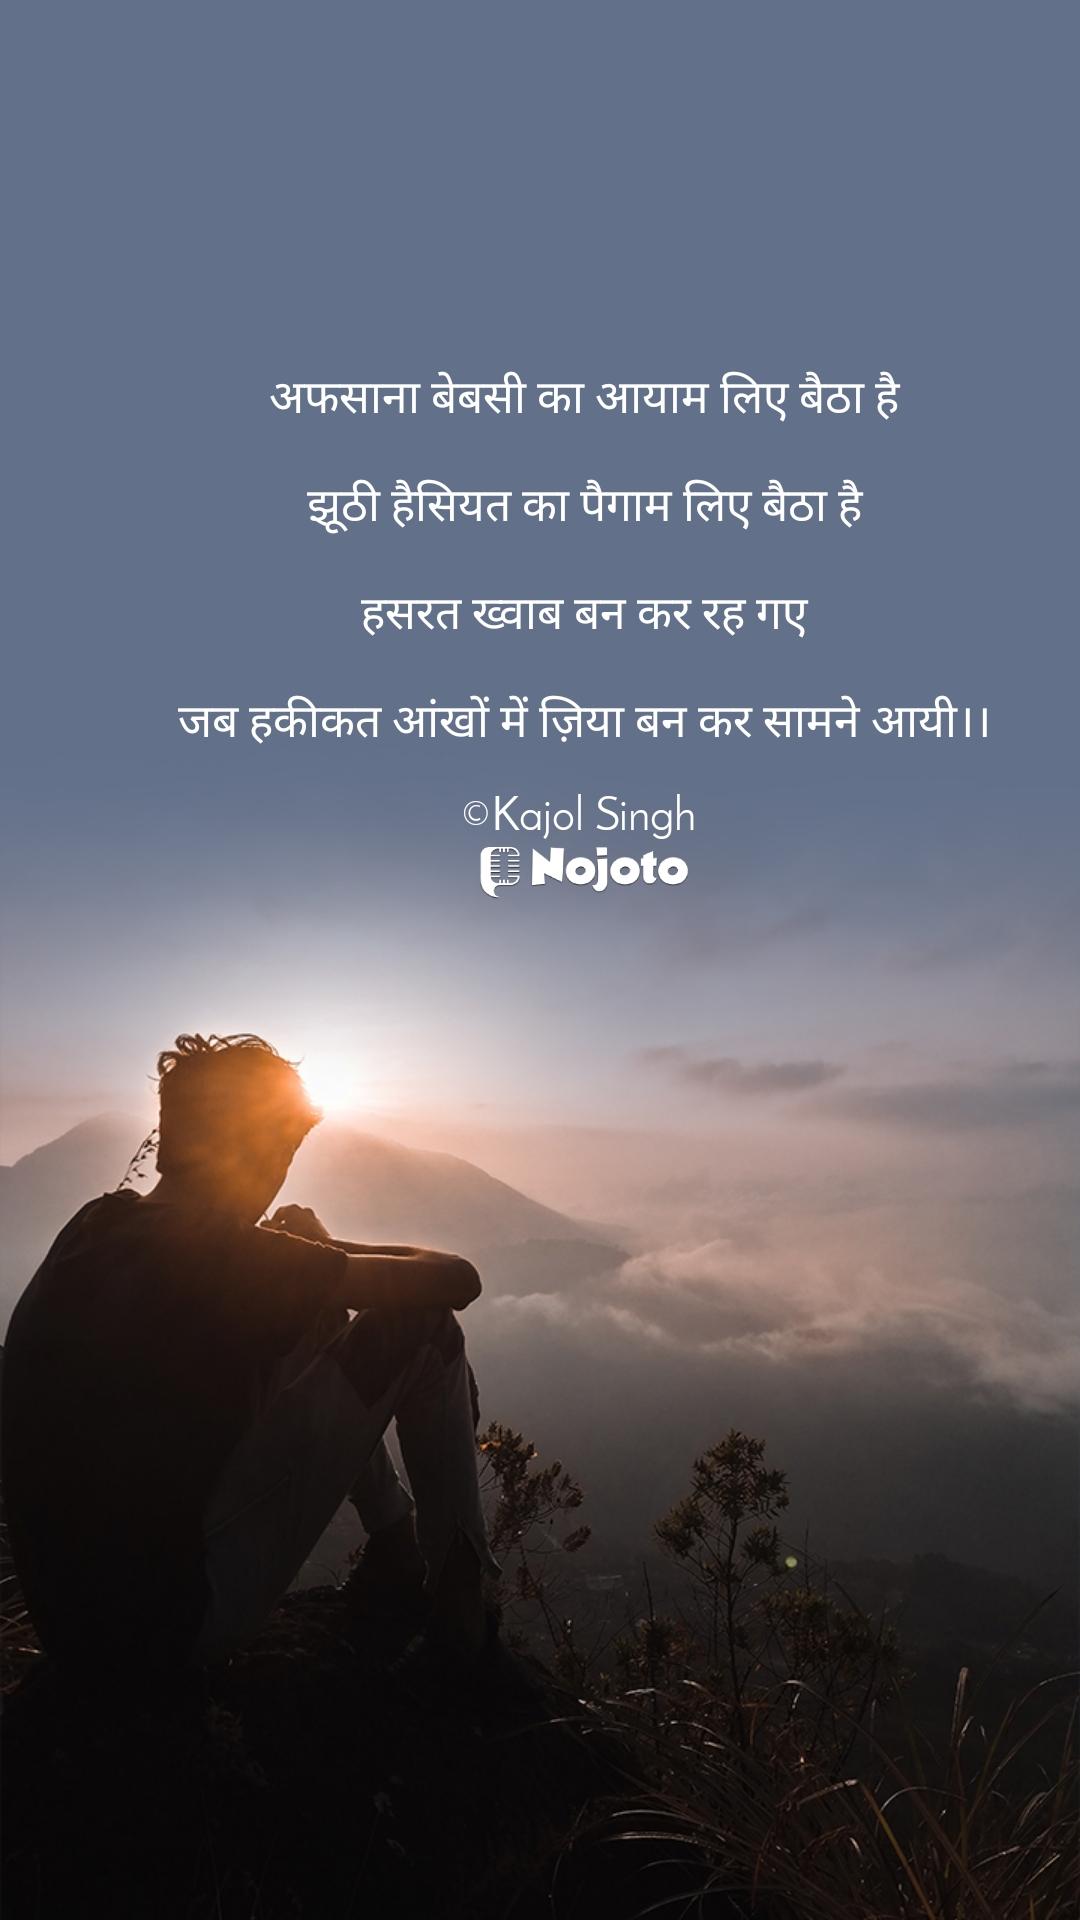 अफसाना बेबसी का आयाम लिए बैठा है  झूठी हैसियत का पैगाम लिए बैठा है  हसरत ख्वाब बन कर रह गए  जब हकीकत आंखों में ज़िया बन कर सामने आयी।।  ©Kajol Singh